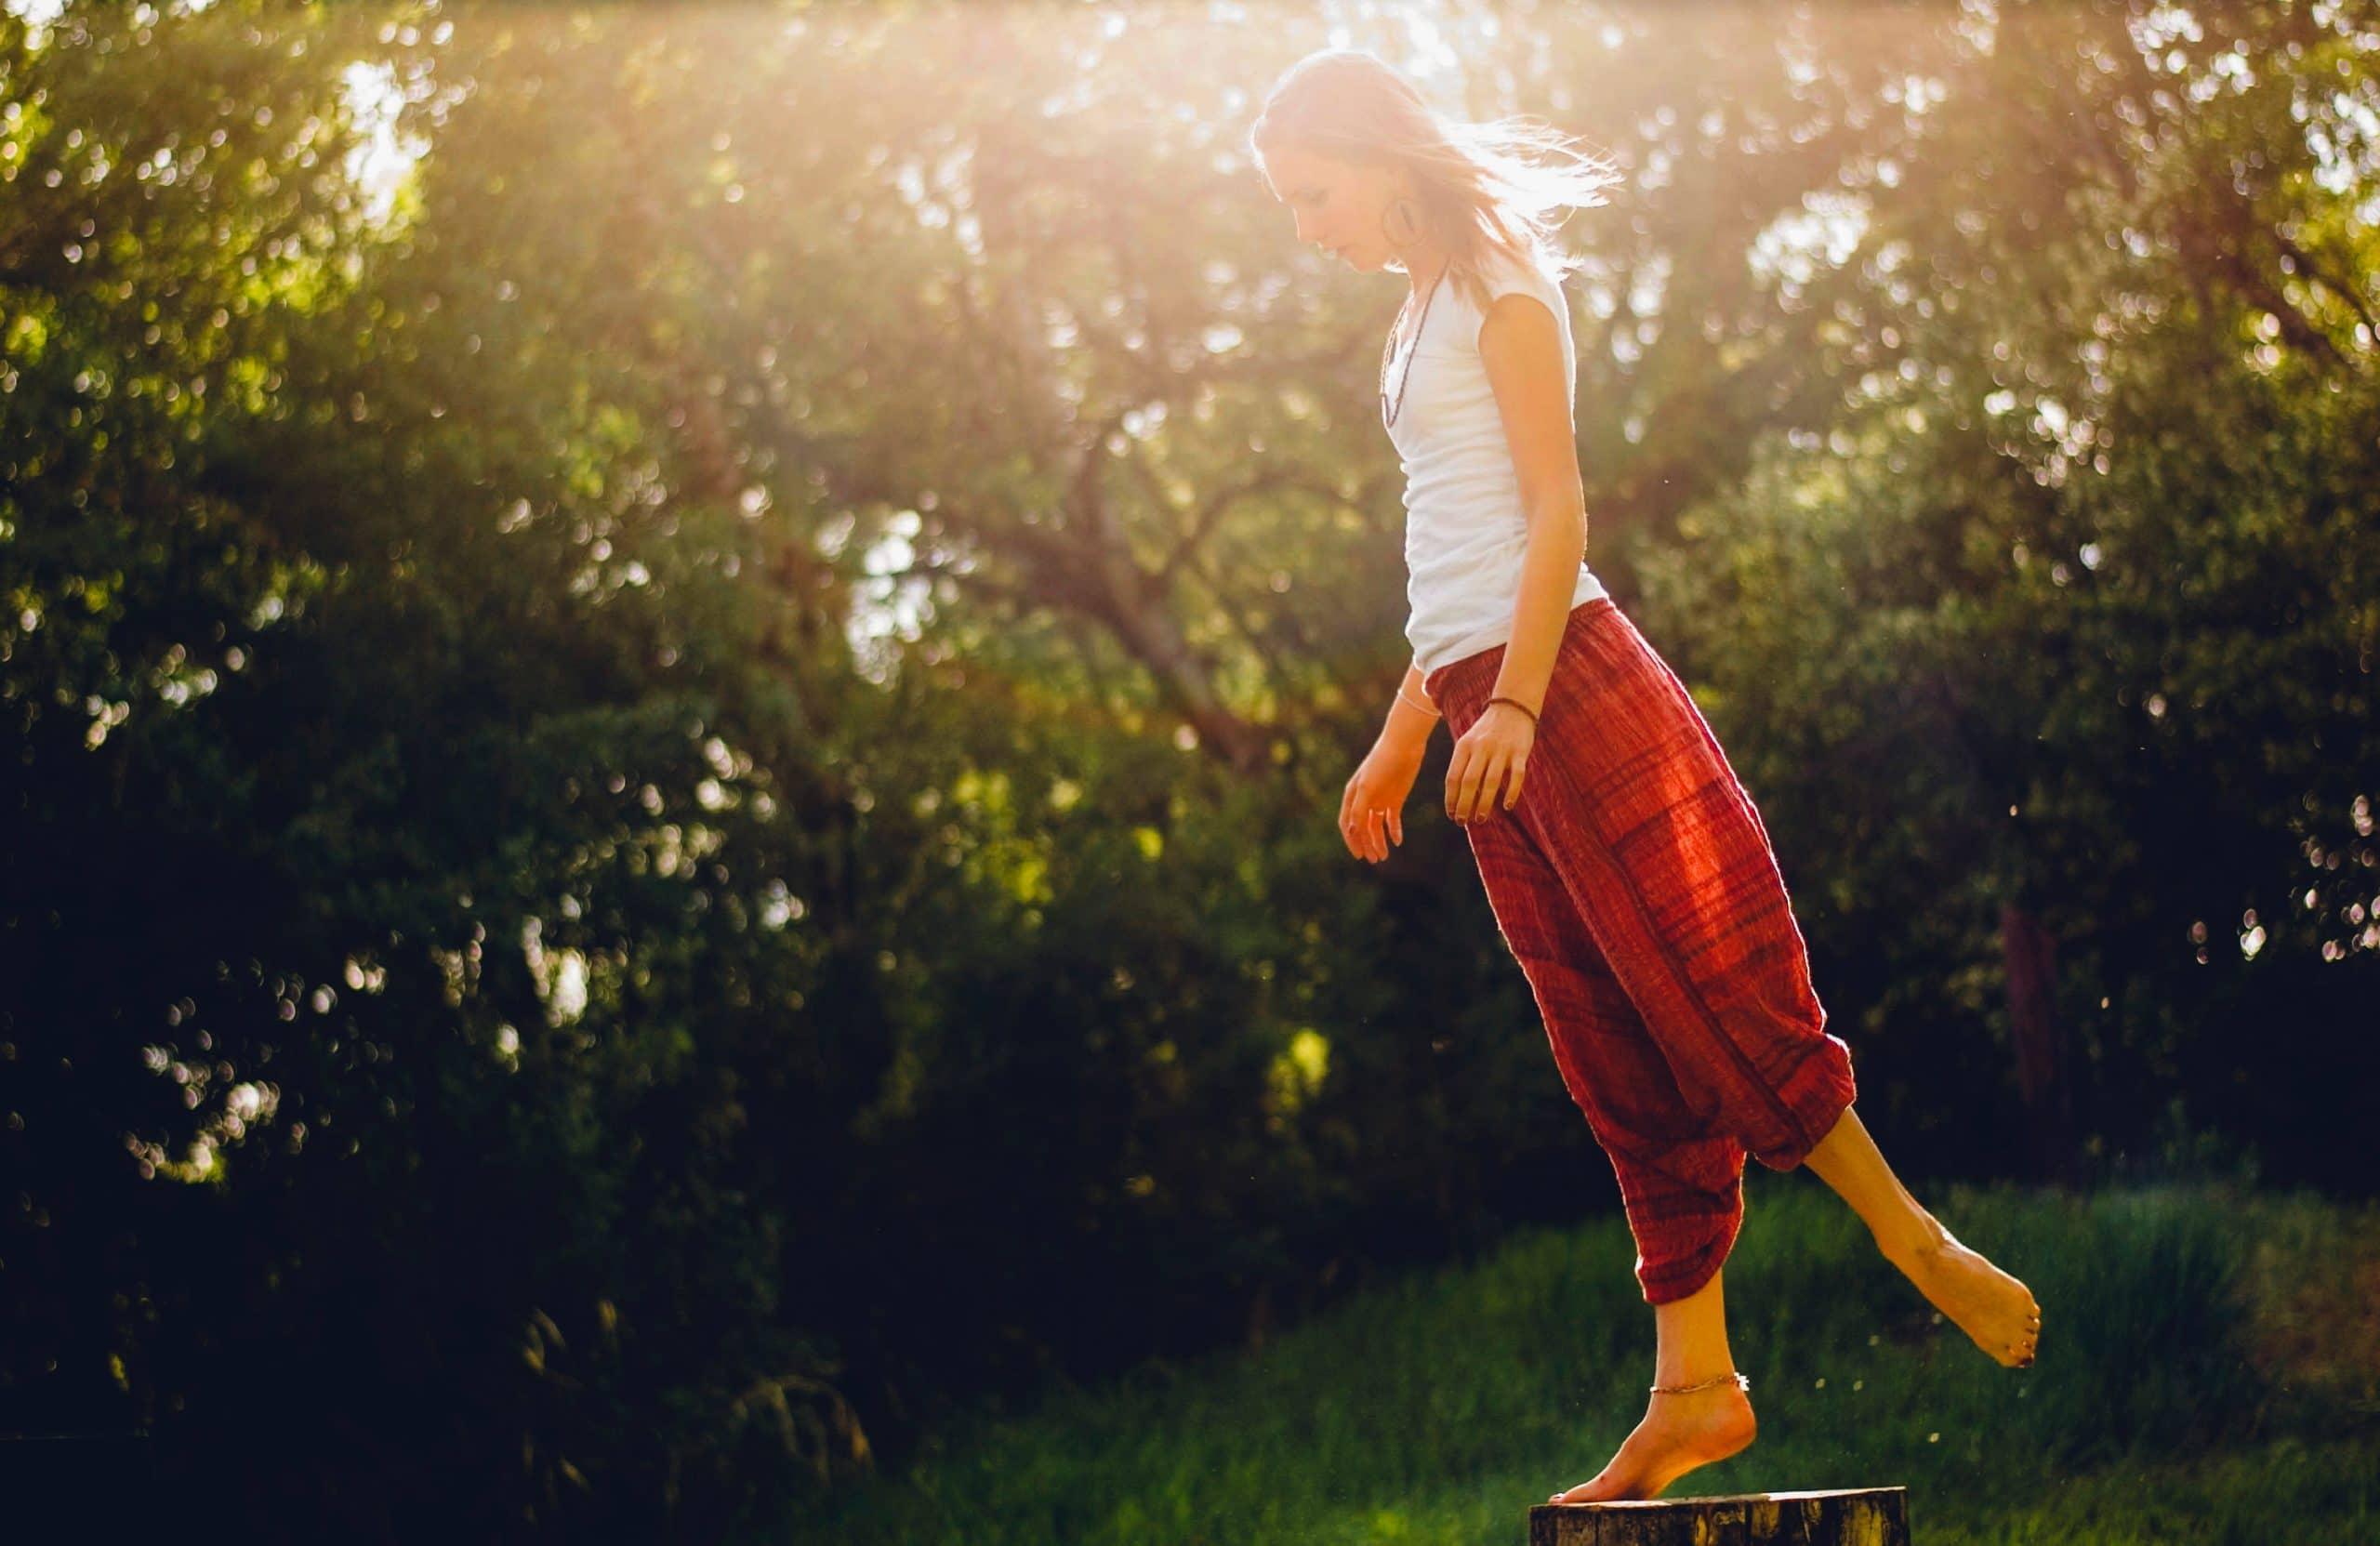 Mulher com roupas leves equilibrando-se em um tronco de árvore em meio à natureza.